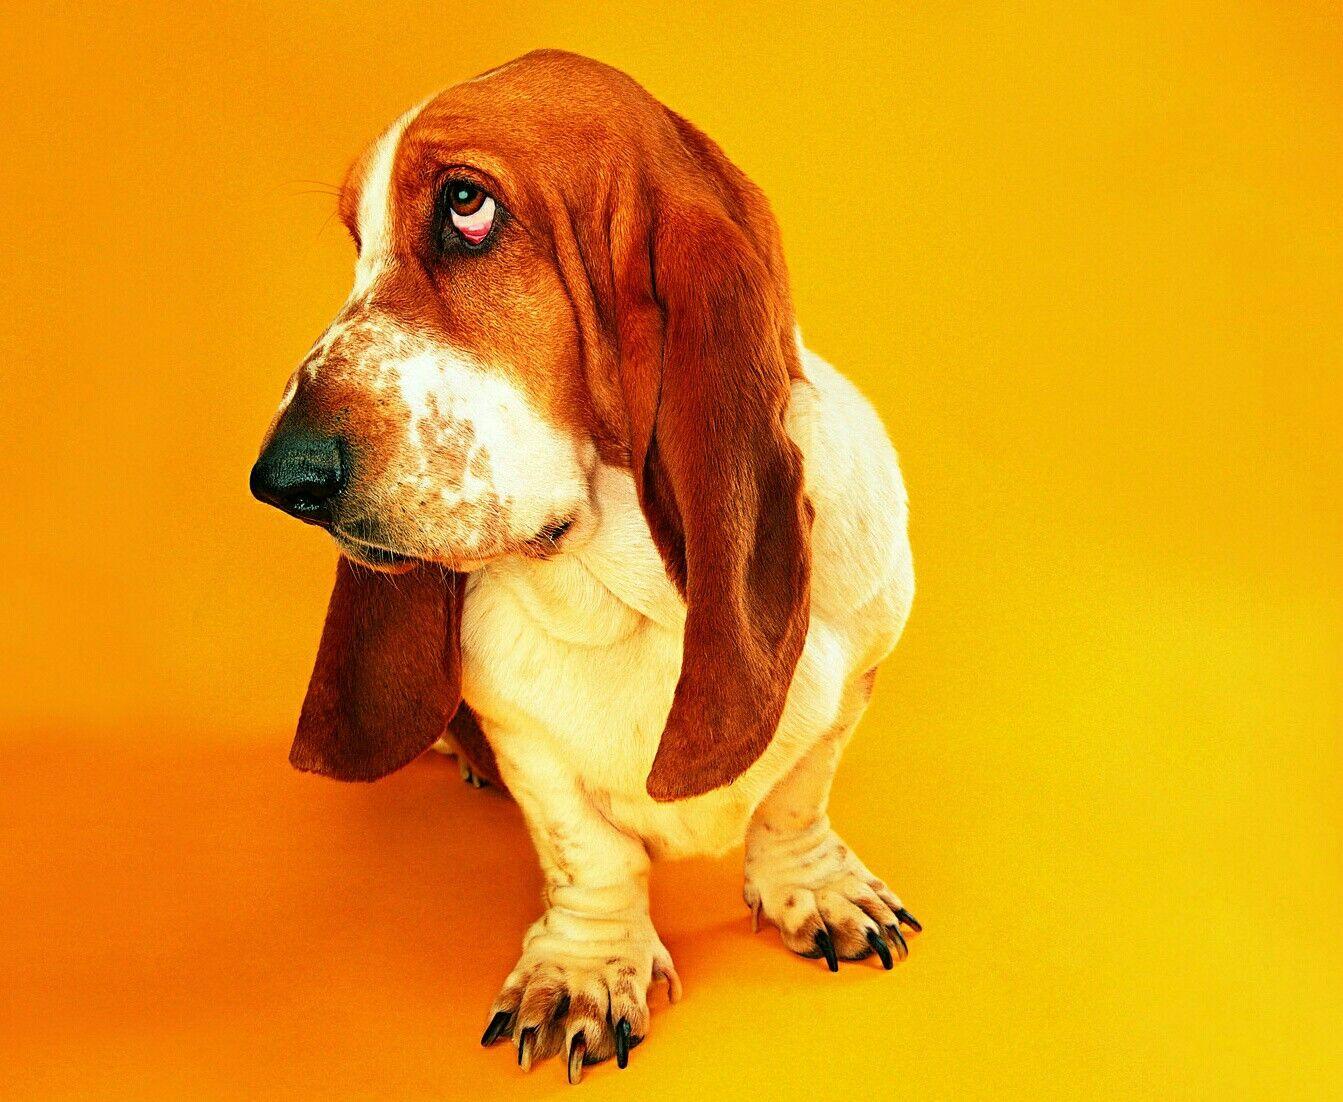 Pin By Erika Finn On Cachorros Gatos Etc Basset Hound Dog Wallpaper Basset Hound Dog